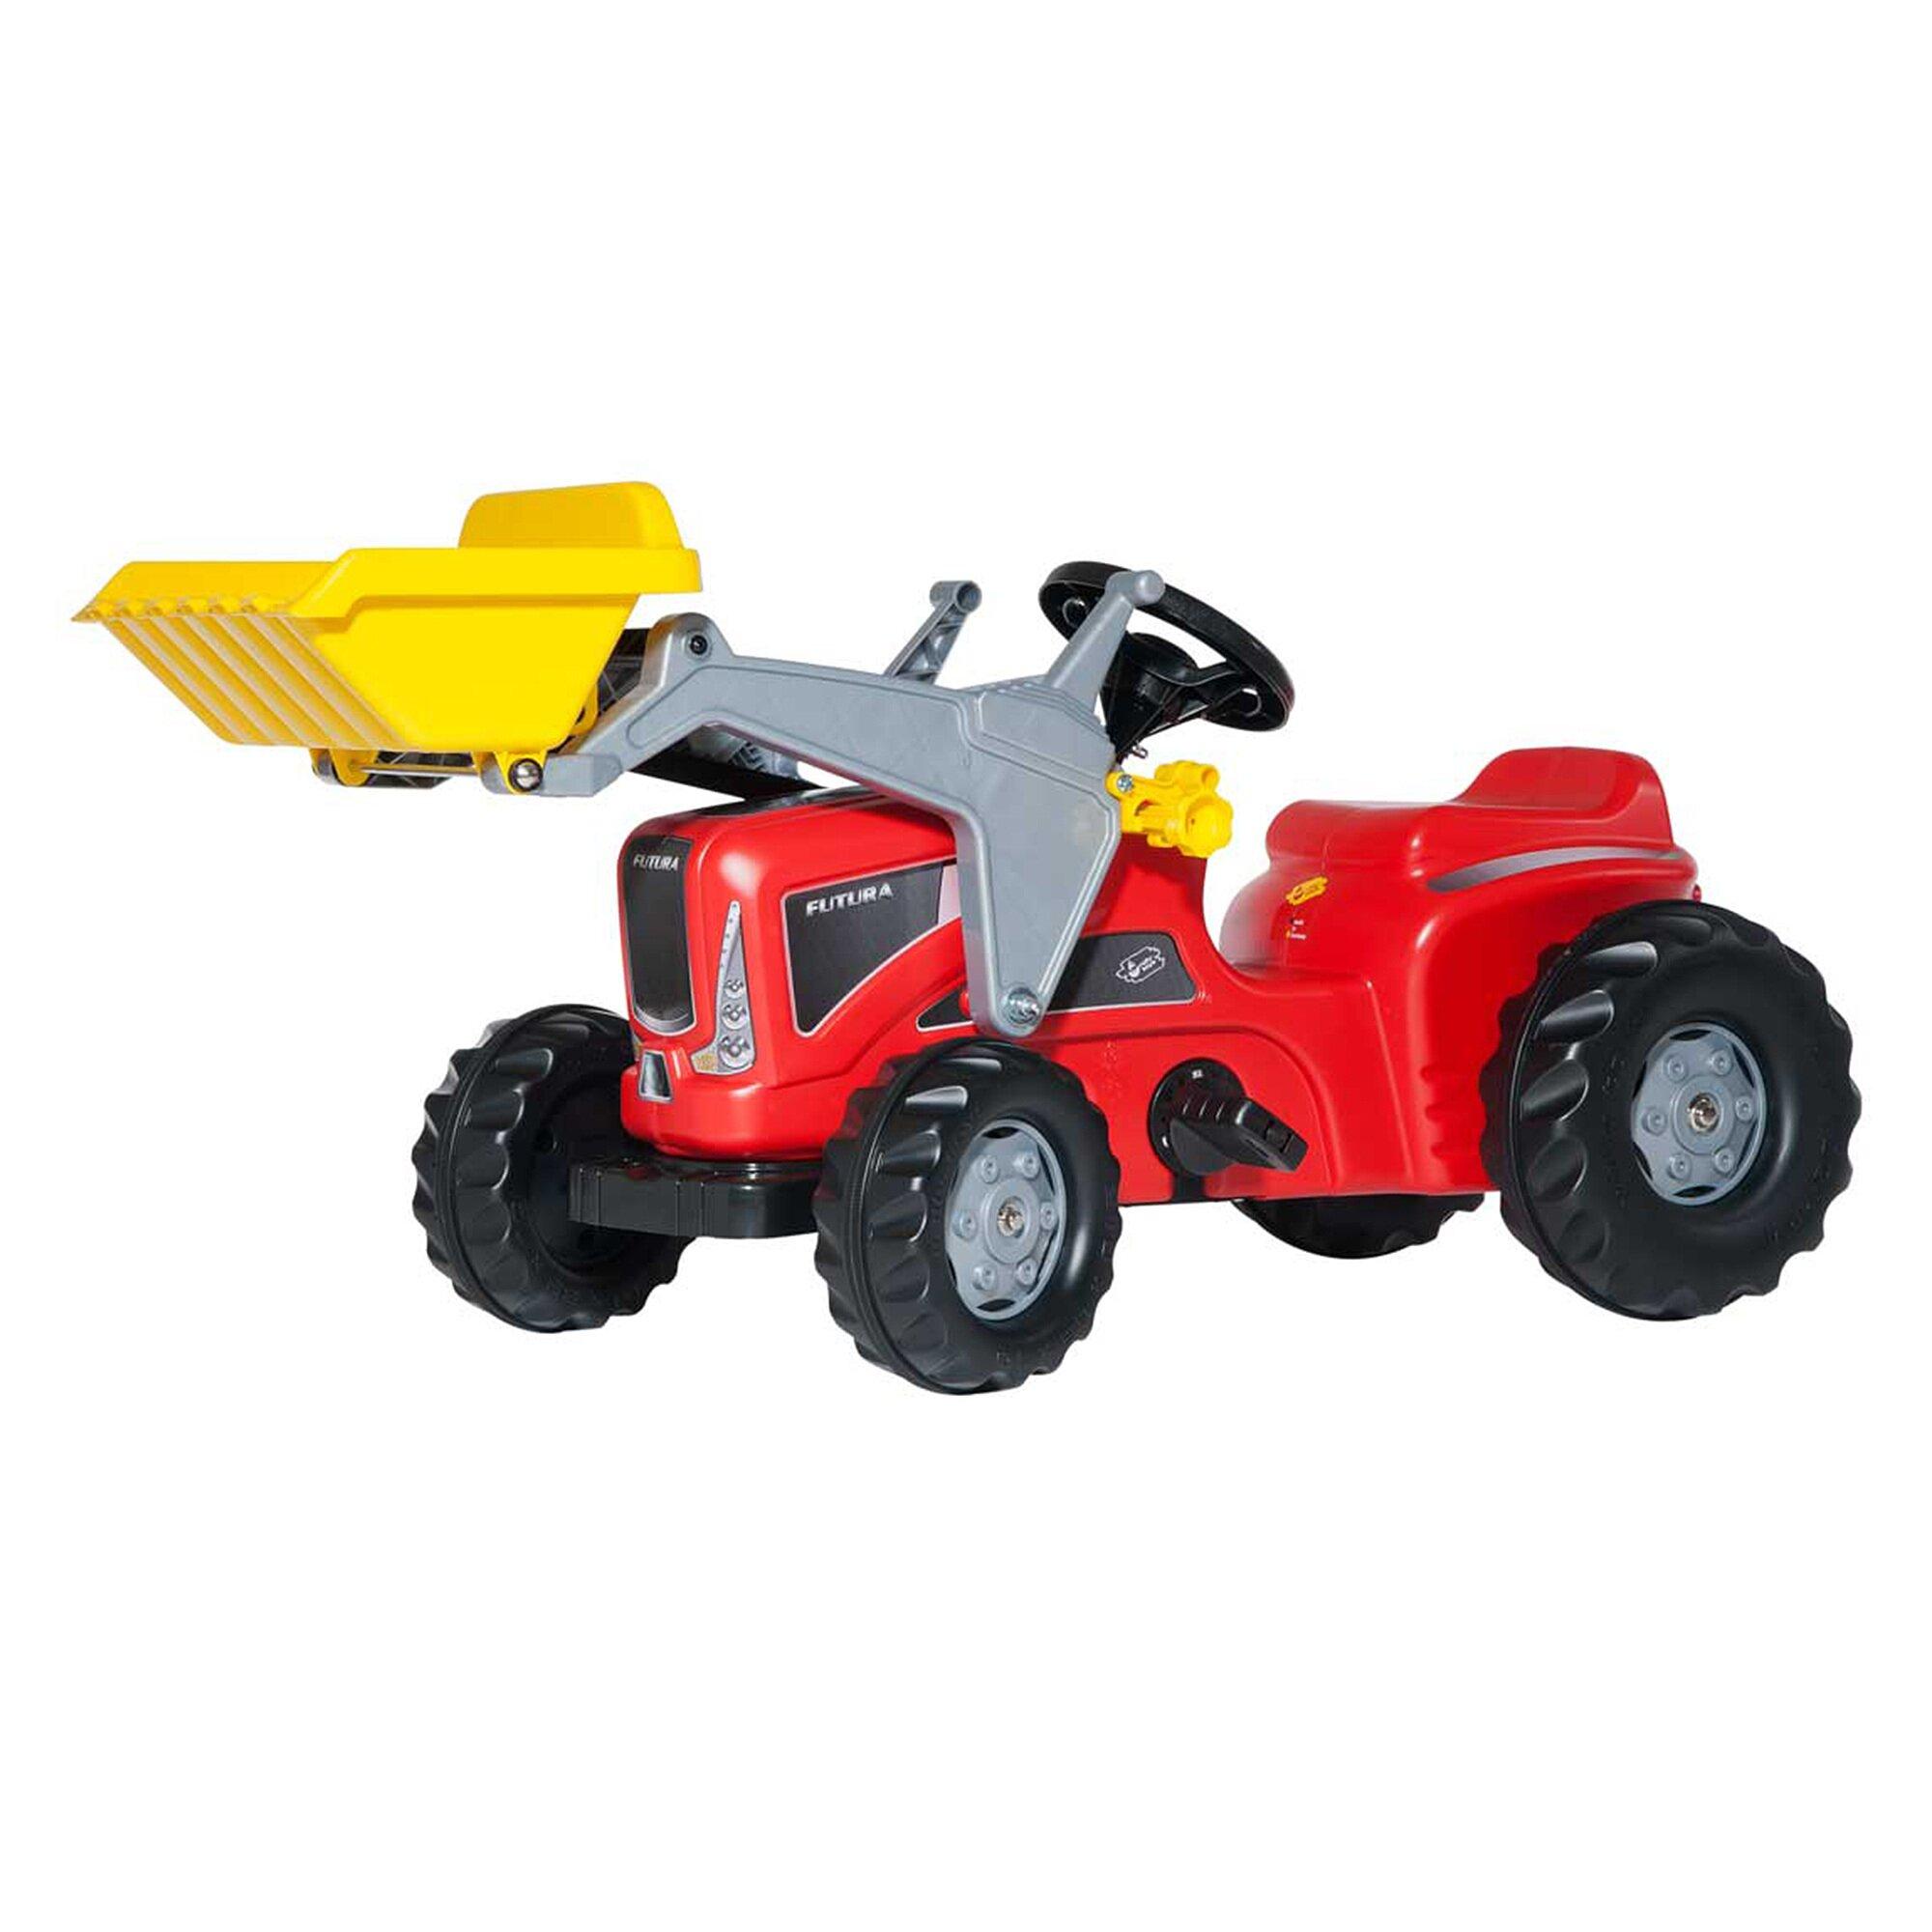 Rolly Toys® Trettraktor Rolly Kiddy Futura mit Frontlader